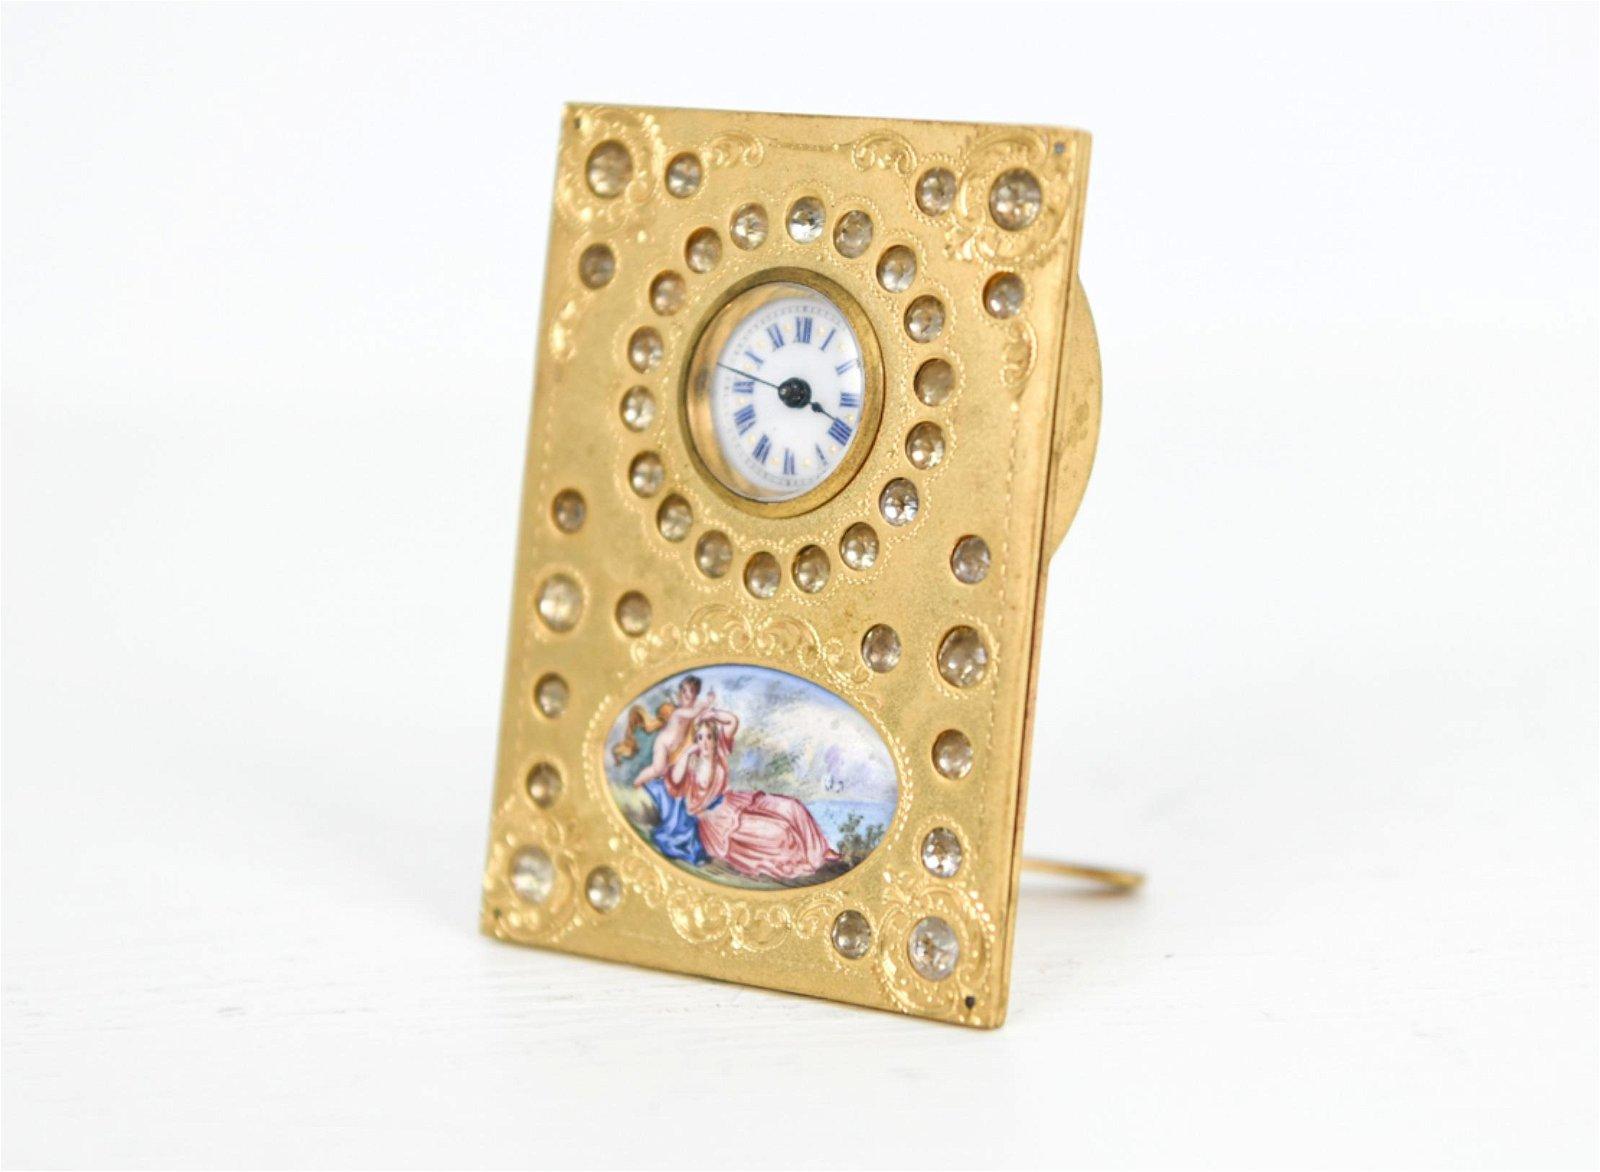 Ballylelly T/ête de l/éopard Vintage Antique Cadran Rond Quartz Montre De Poche Collier Pendentif Horloge pour Hommes Femmes Cadeaux